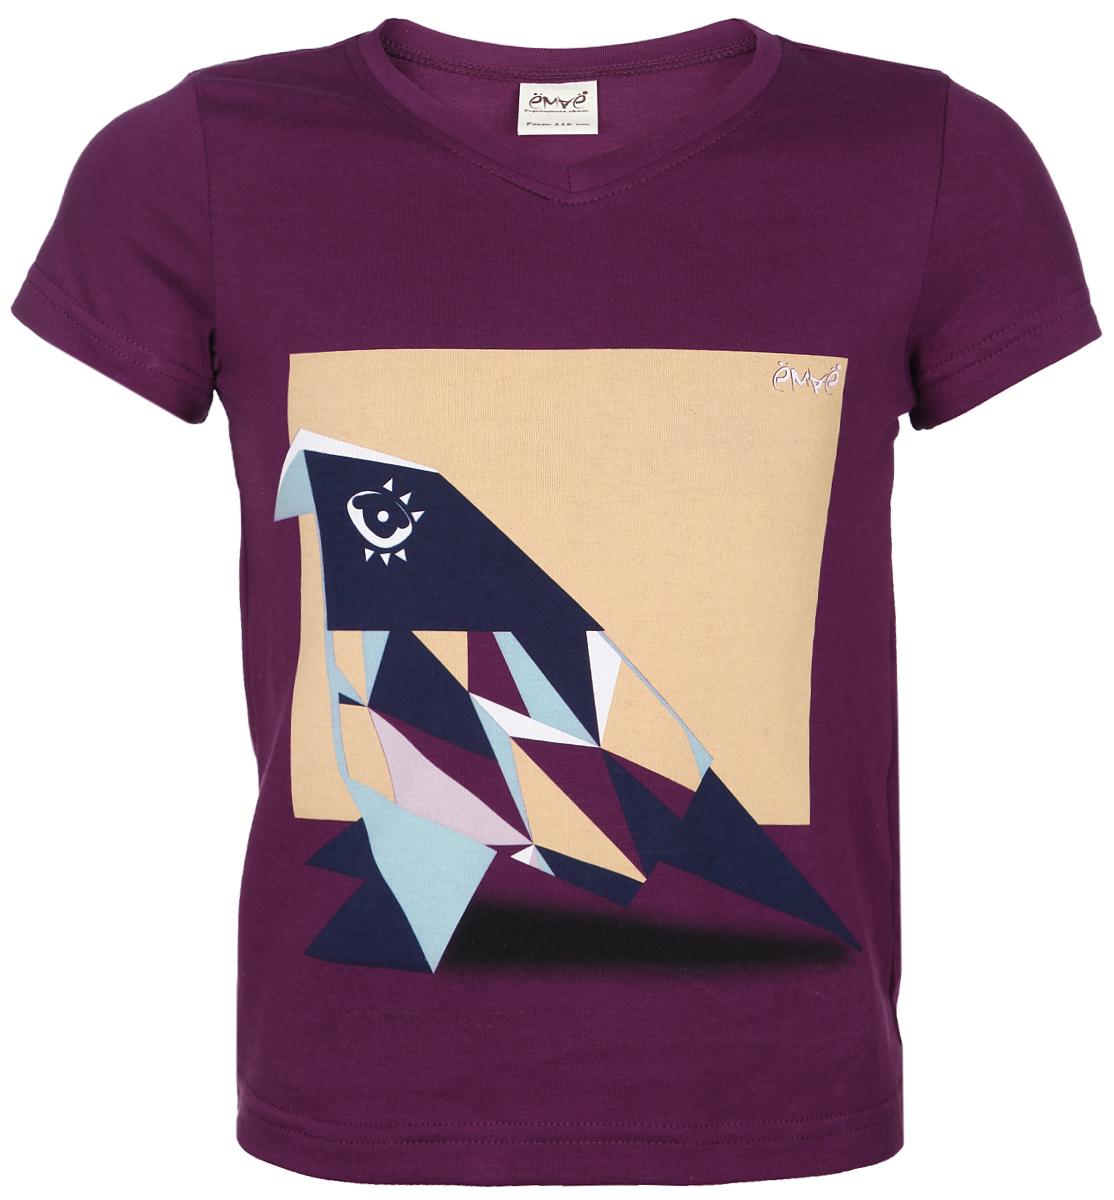 Футболка для девочки. 27-63027-630Стильная футболка для девочки Ёмаё идеально подойдет вашей моднице и станет прекрасным дополнением детского гардероба. Изготовленная из эластичного хлопка, она мягкая и приятная на ощупь, не сковывает движения и позволяет коже дышать, не раздражает даже самую нежную и чувствительную кожу ребенка, обеспечивая наибольший комфорт. Футболка с V-образным вырезом горловины и короткими рукавами оформлена оригинальным геометрическим принтом. Вырез горловины дополнен трикотажной эластичной резинкой. В такой футболке ваша принцесса будет чувствовать себя уютно и комфортно, и всегда будет в центре внимания!